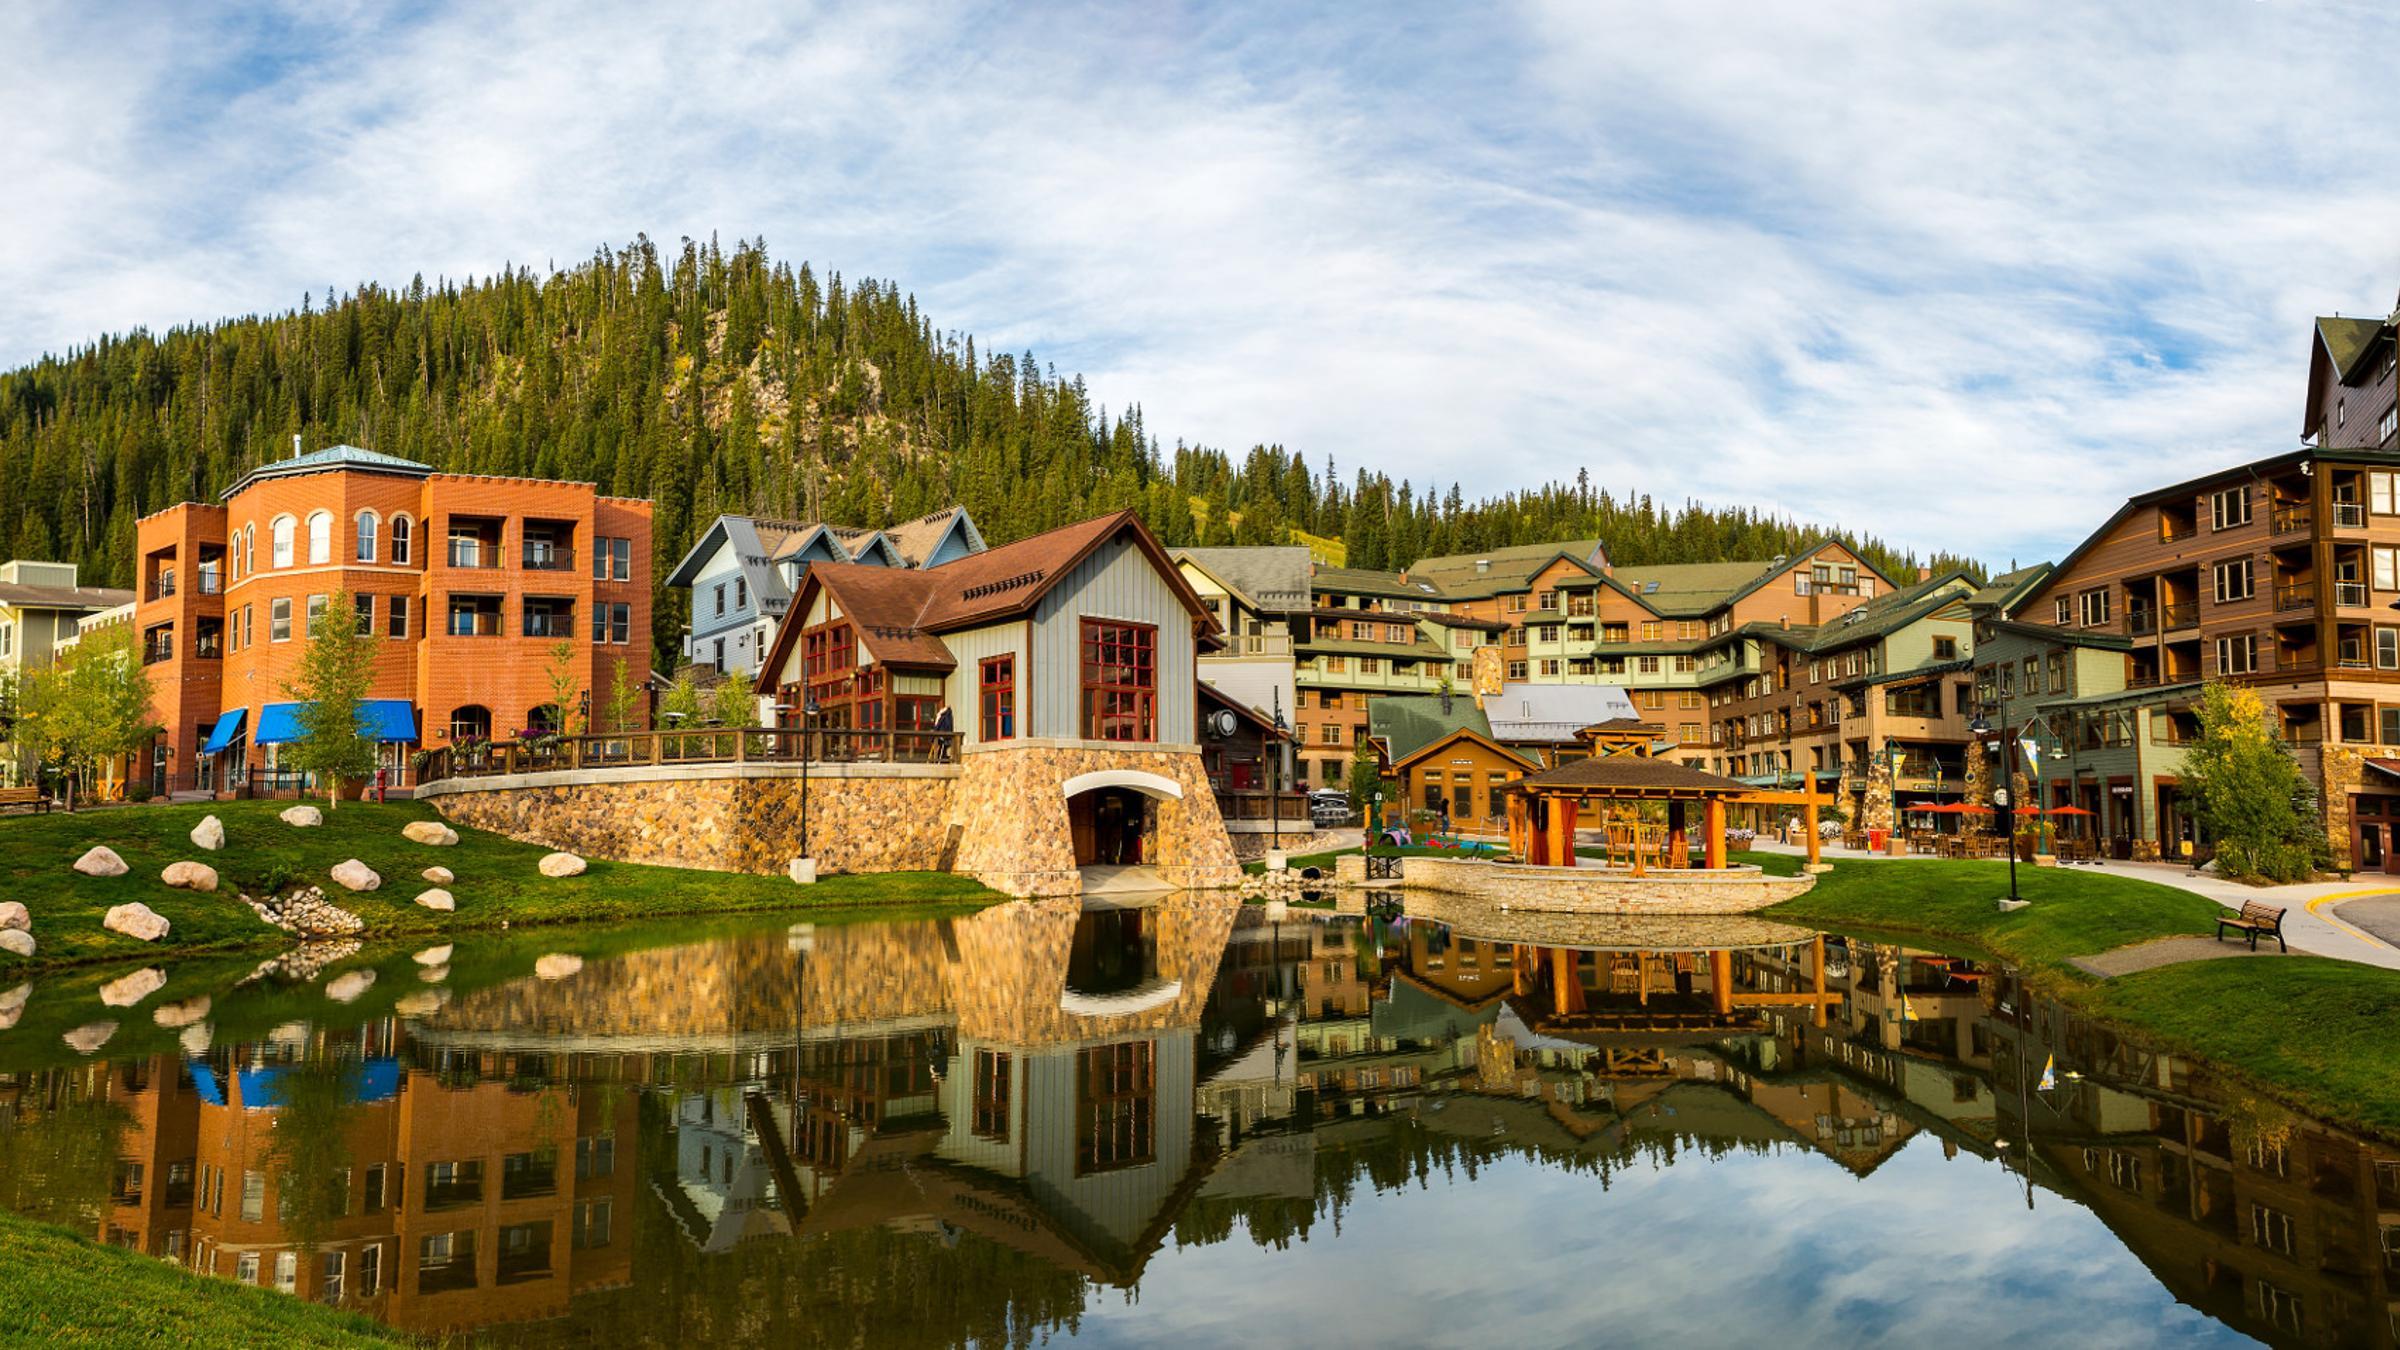 Winter Park Resort Village in Summer